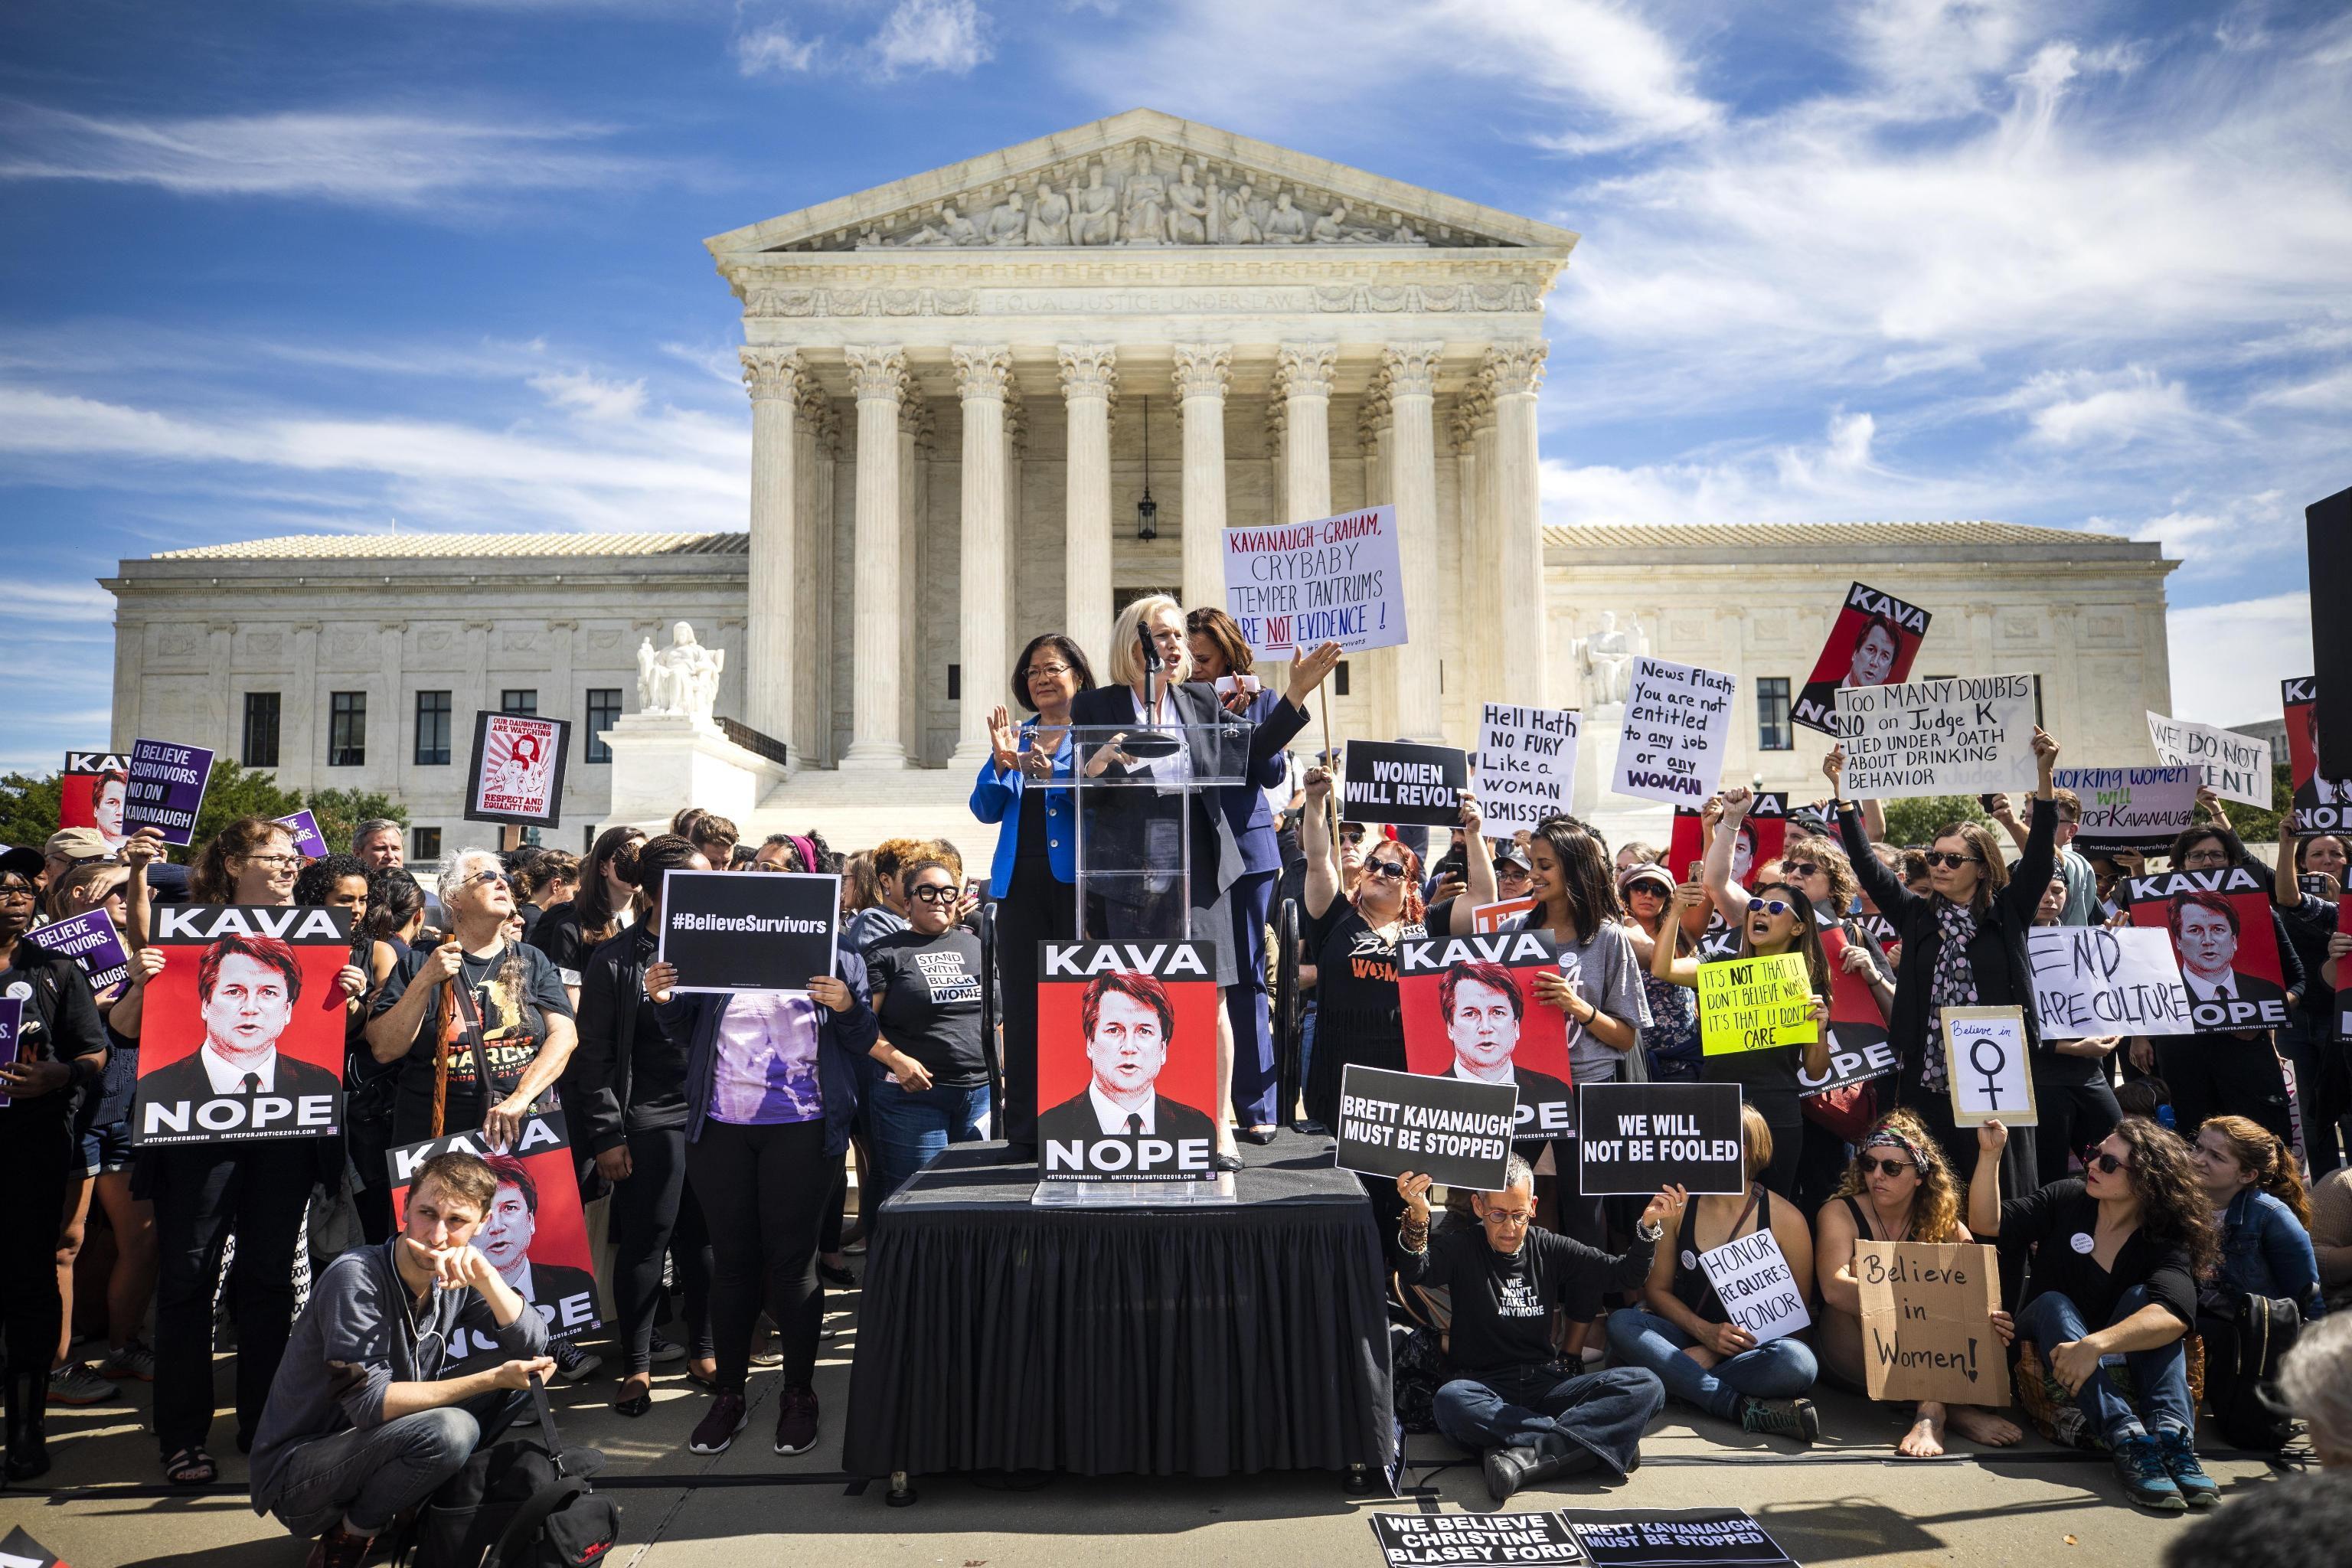 Chi è Kirsten Gillibrand: l'attivista del #Metoo che si è candidata alle primarie foto 1